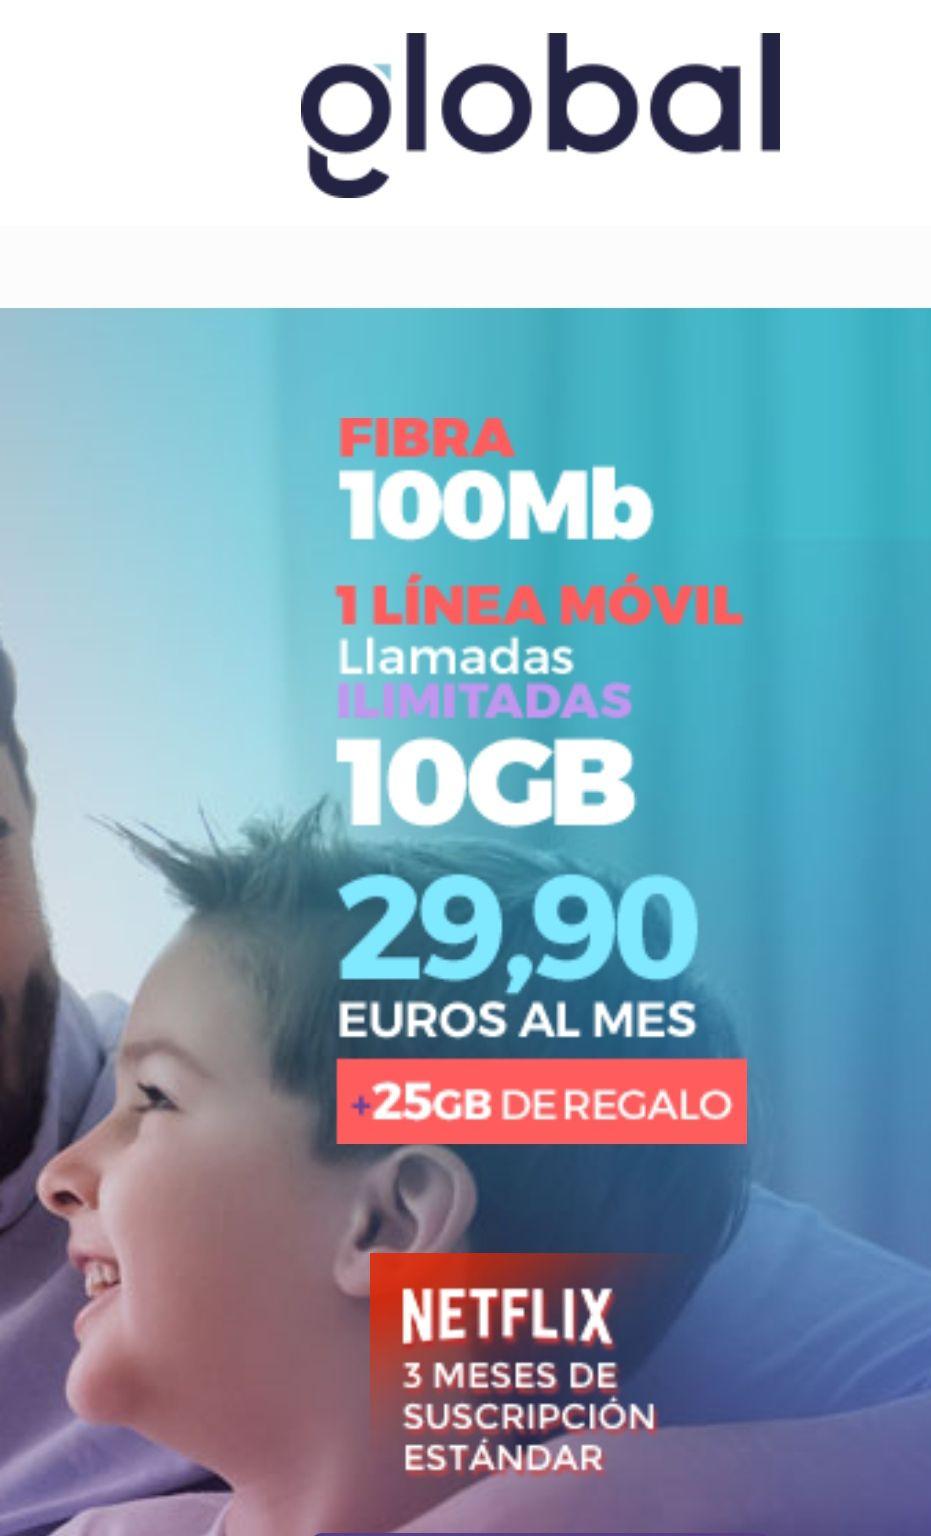 100MB Fibra+ 1 línea con 10Gb + 25GB Regalo +Llamadas ilimitadas + 3 Meses suscripción Netflix gratis (Sin permanencia)